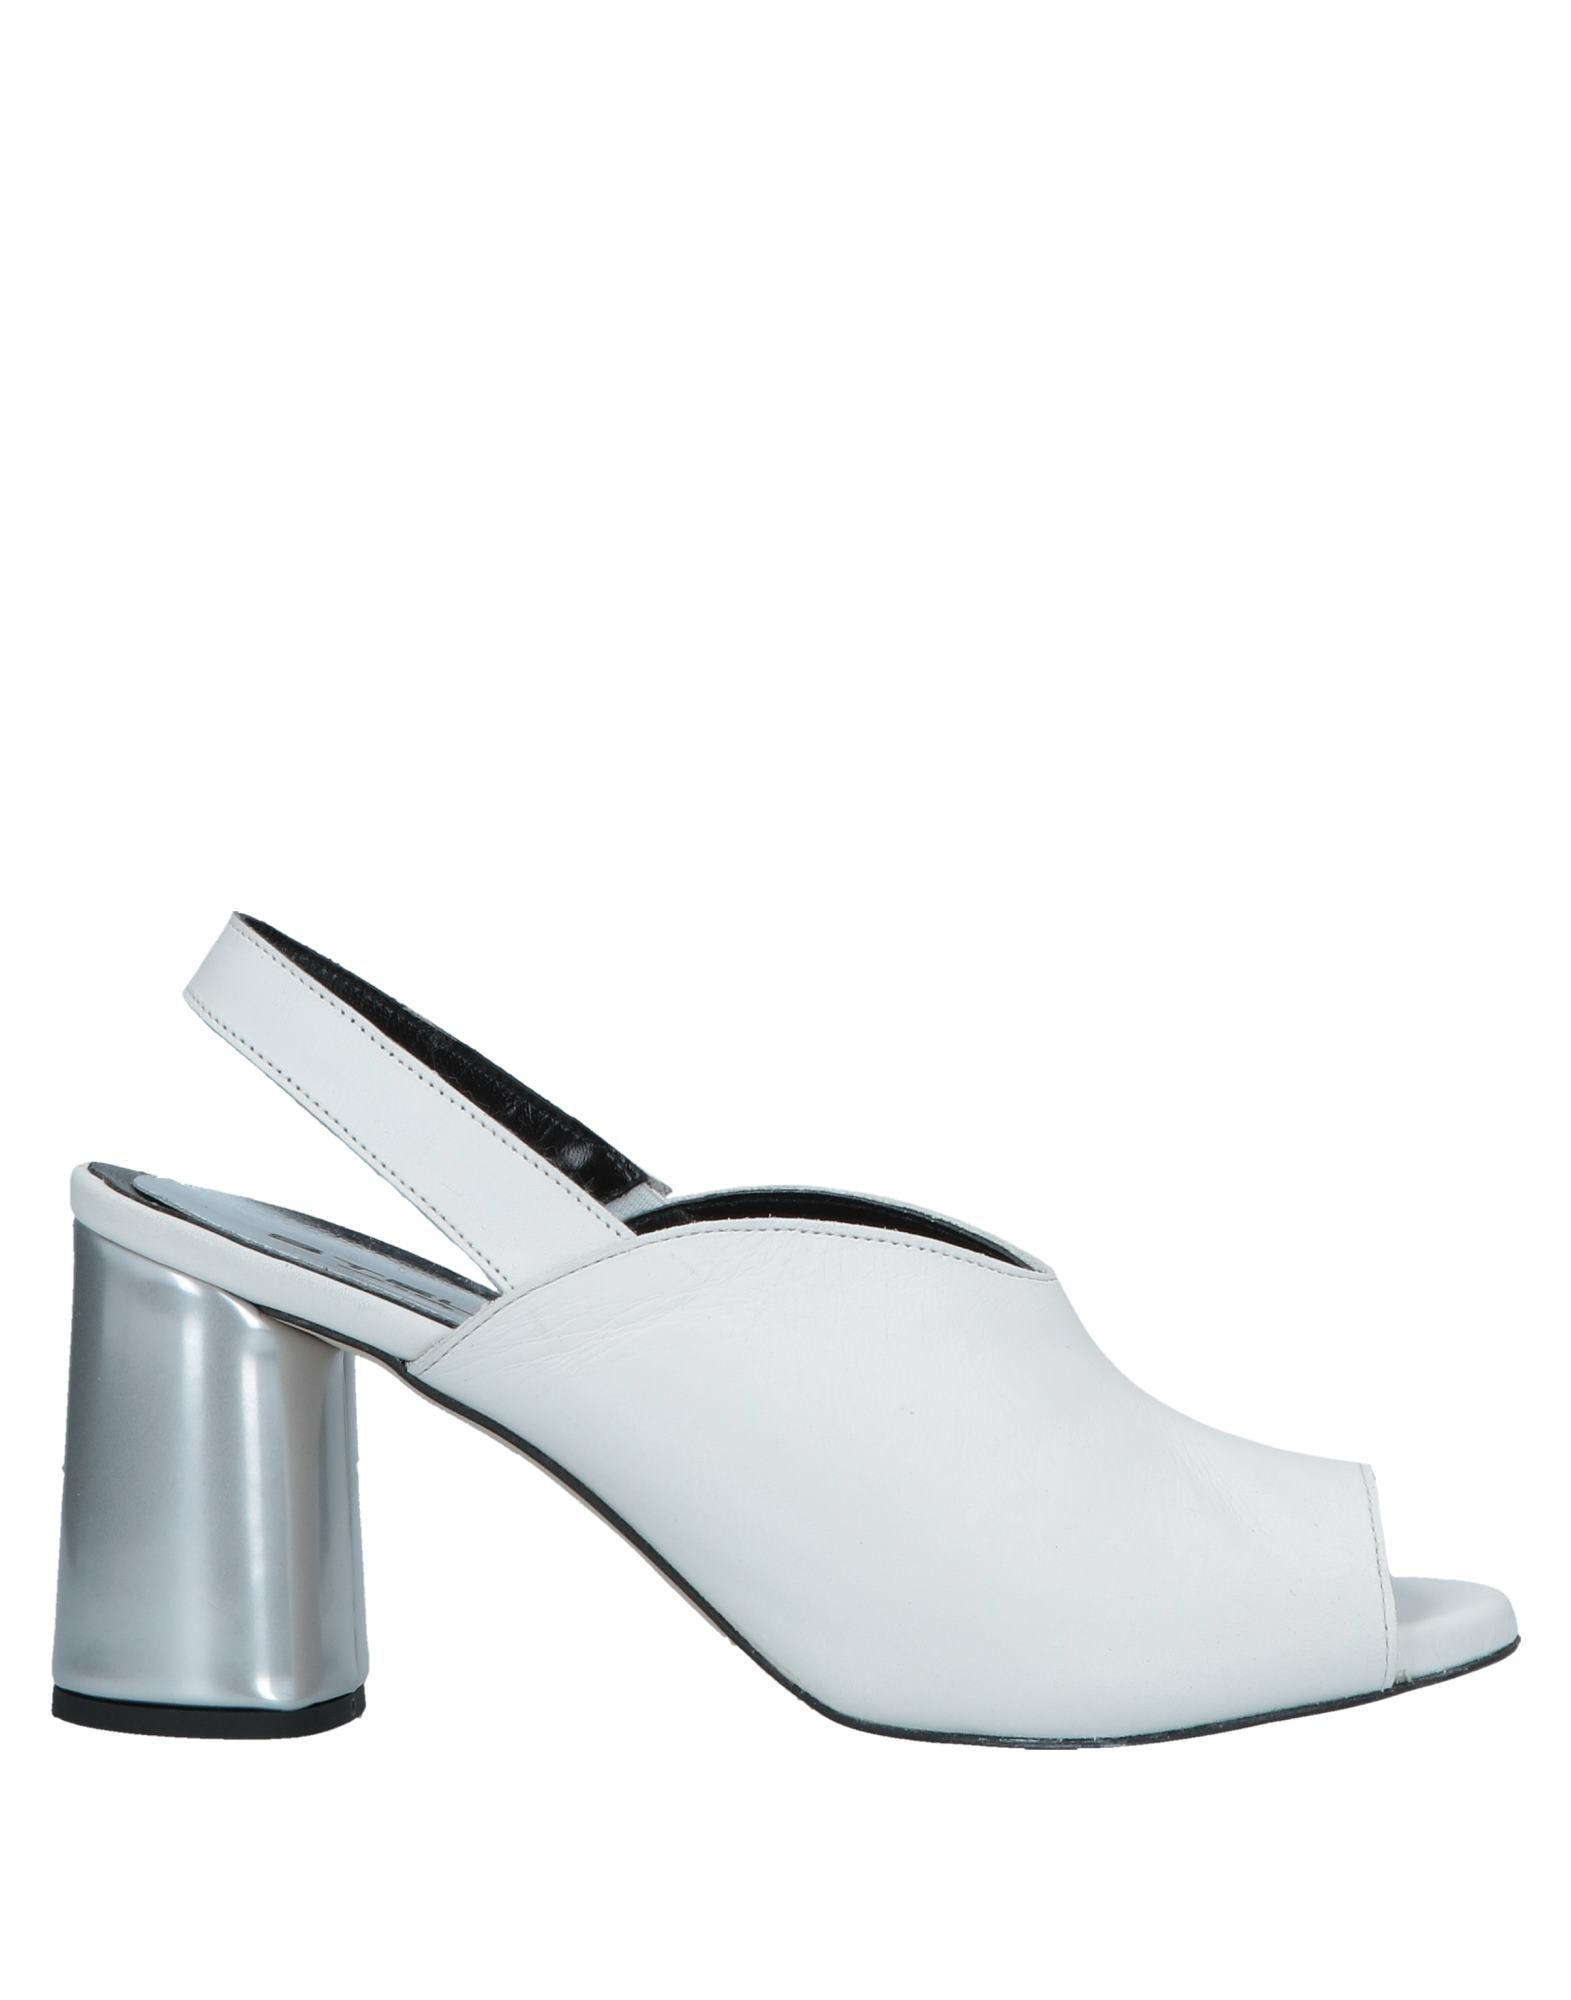 Sandales Stele Femme - Sandales Stele   - 11618056VR